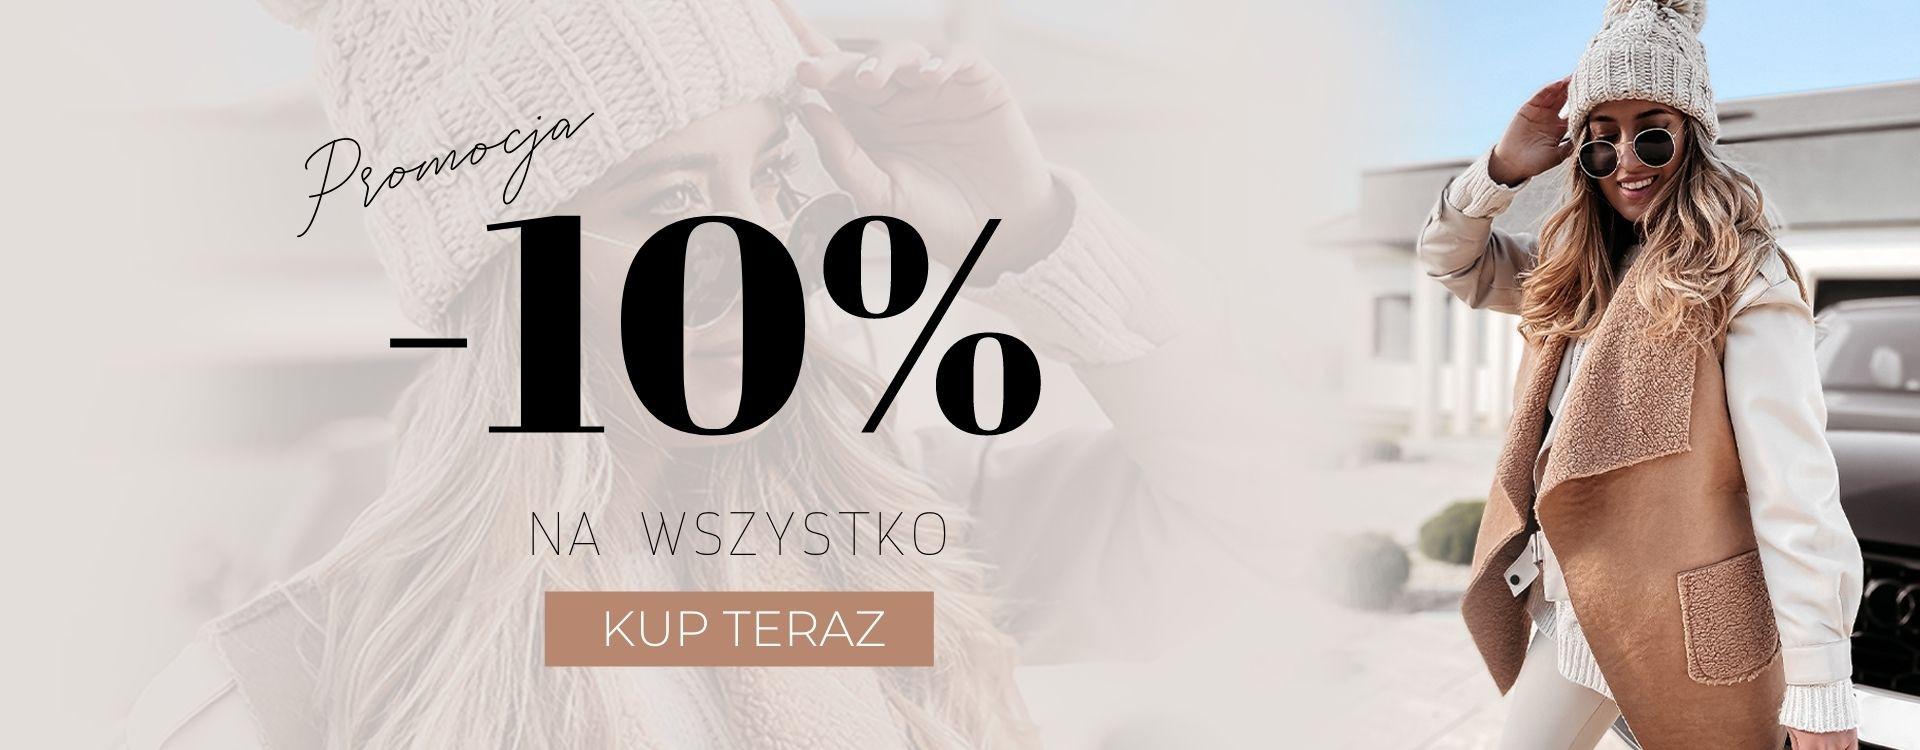 -10% na wszystko